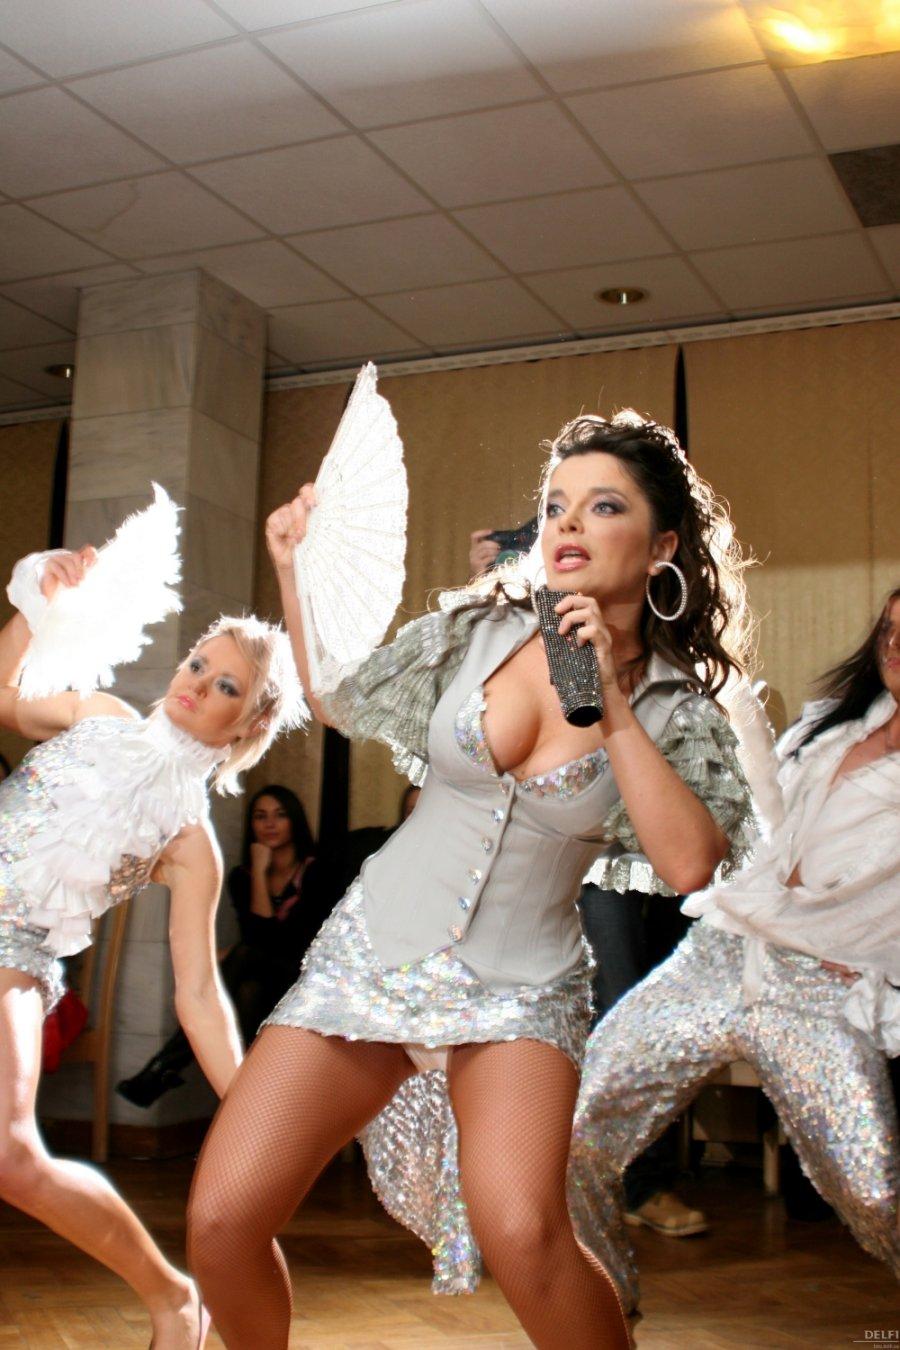 Наташа королева без трусов видео, апскирт на автосалоне фото